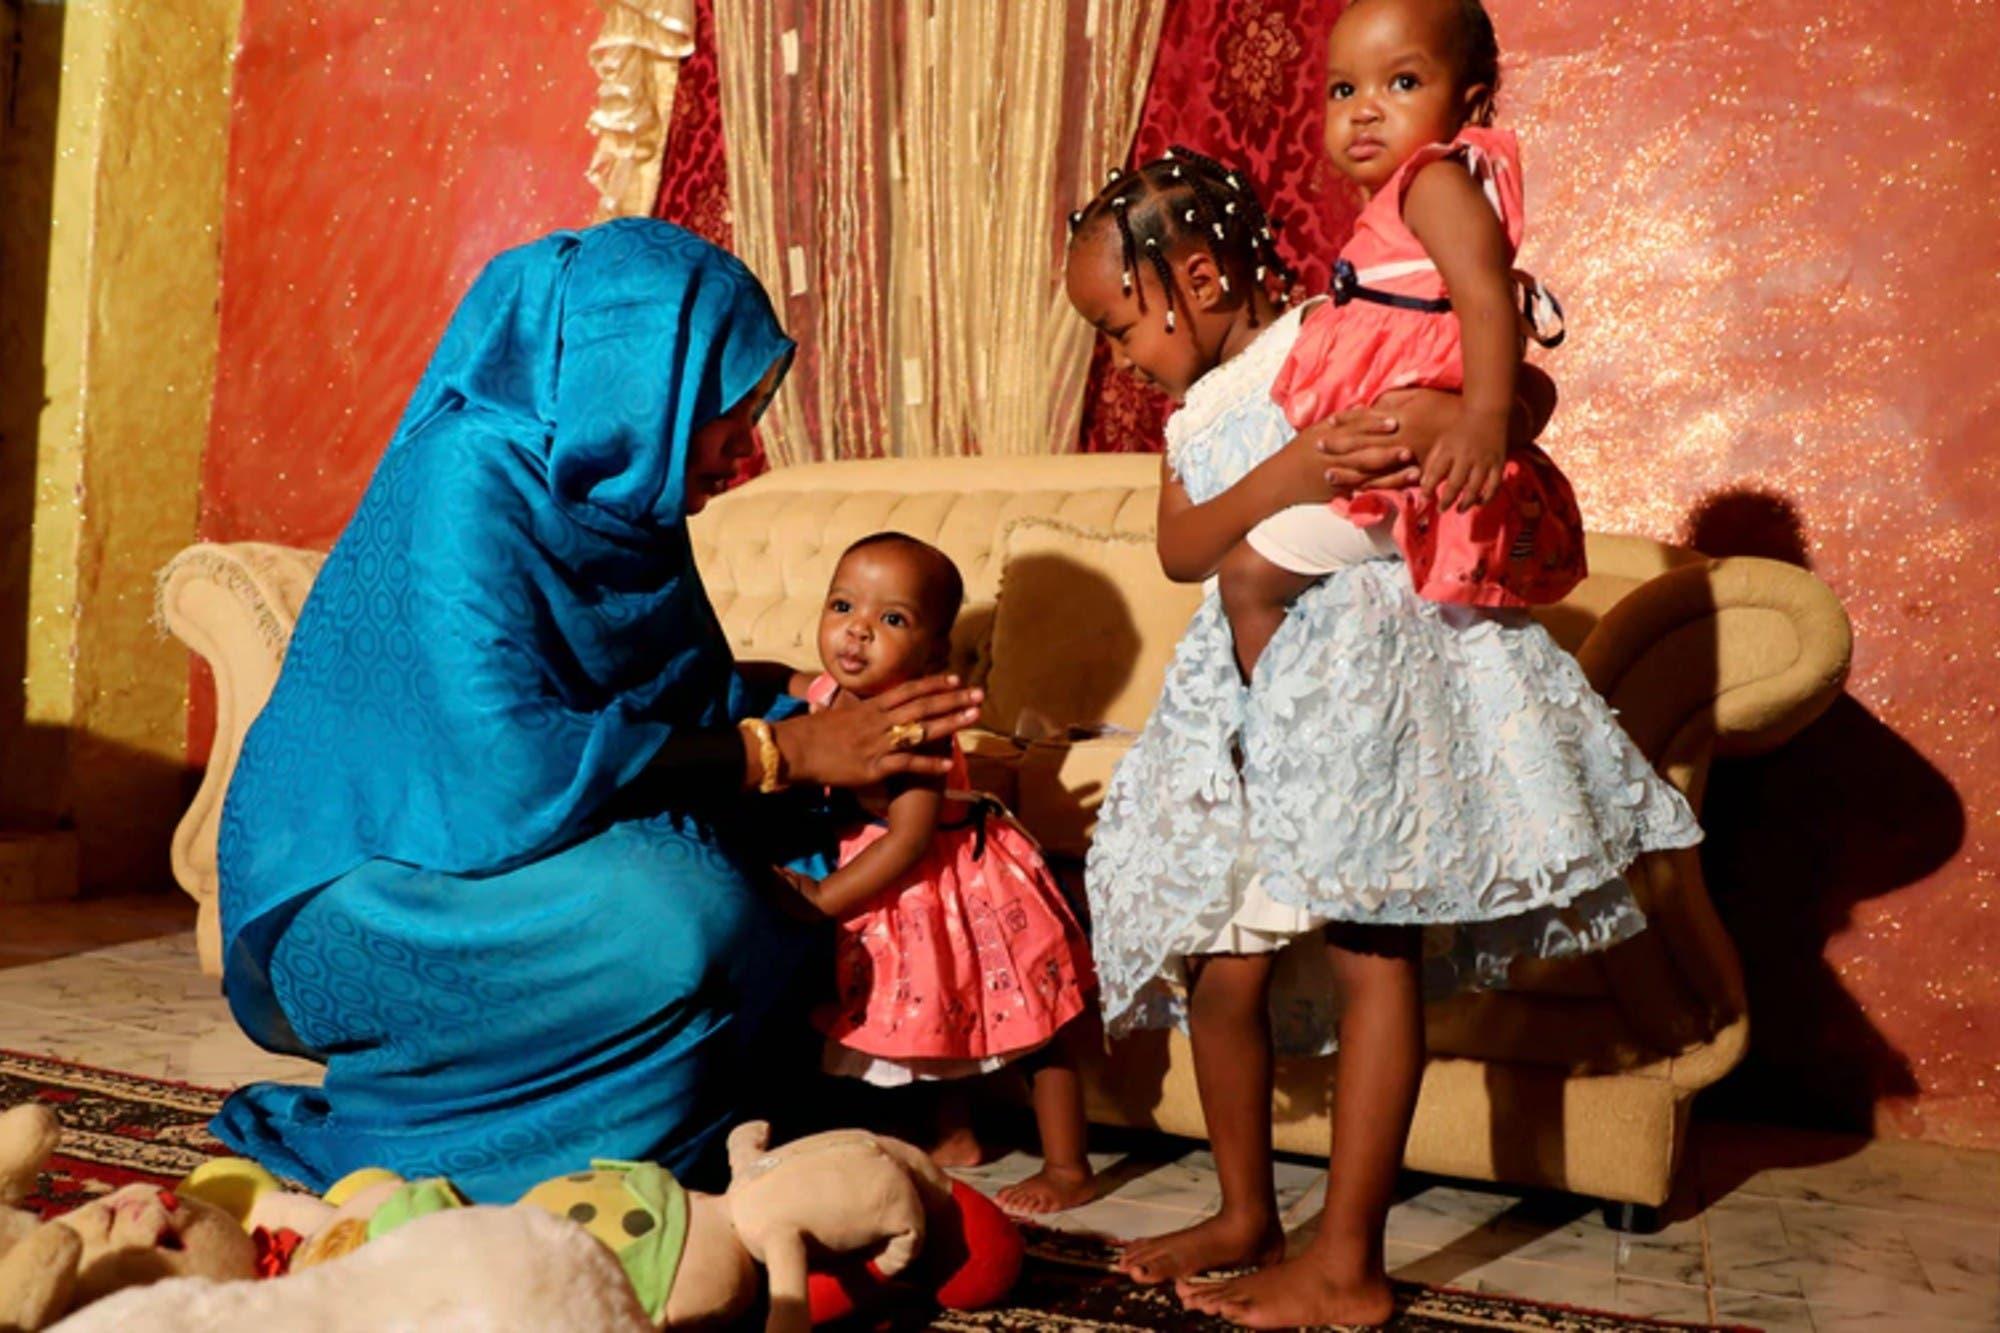 Avance histórico: prohibieron la mutilación genital femenina en Sudán